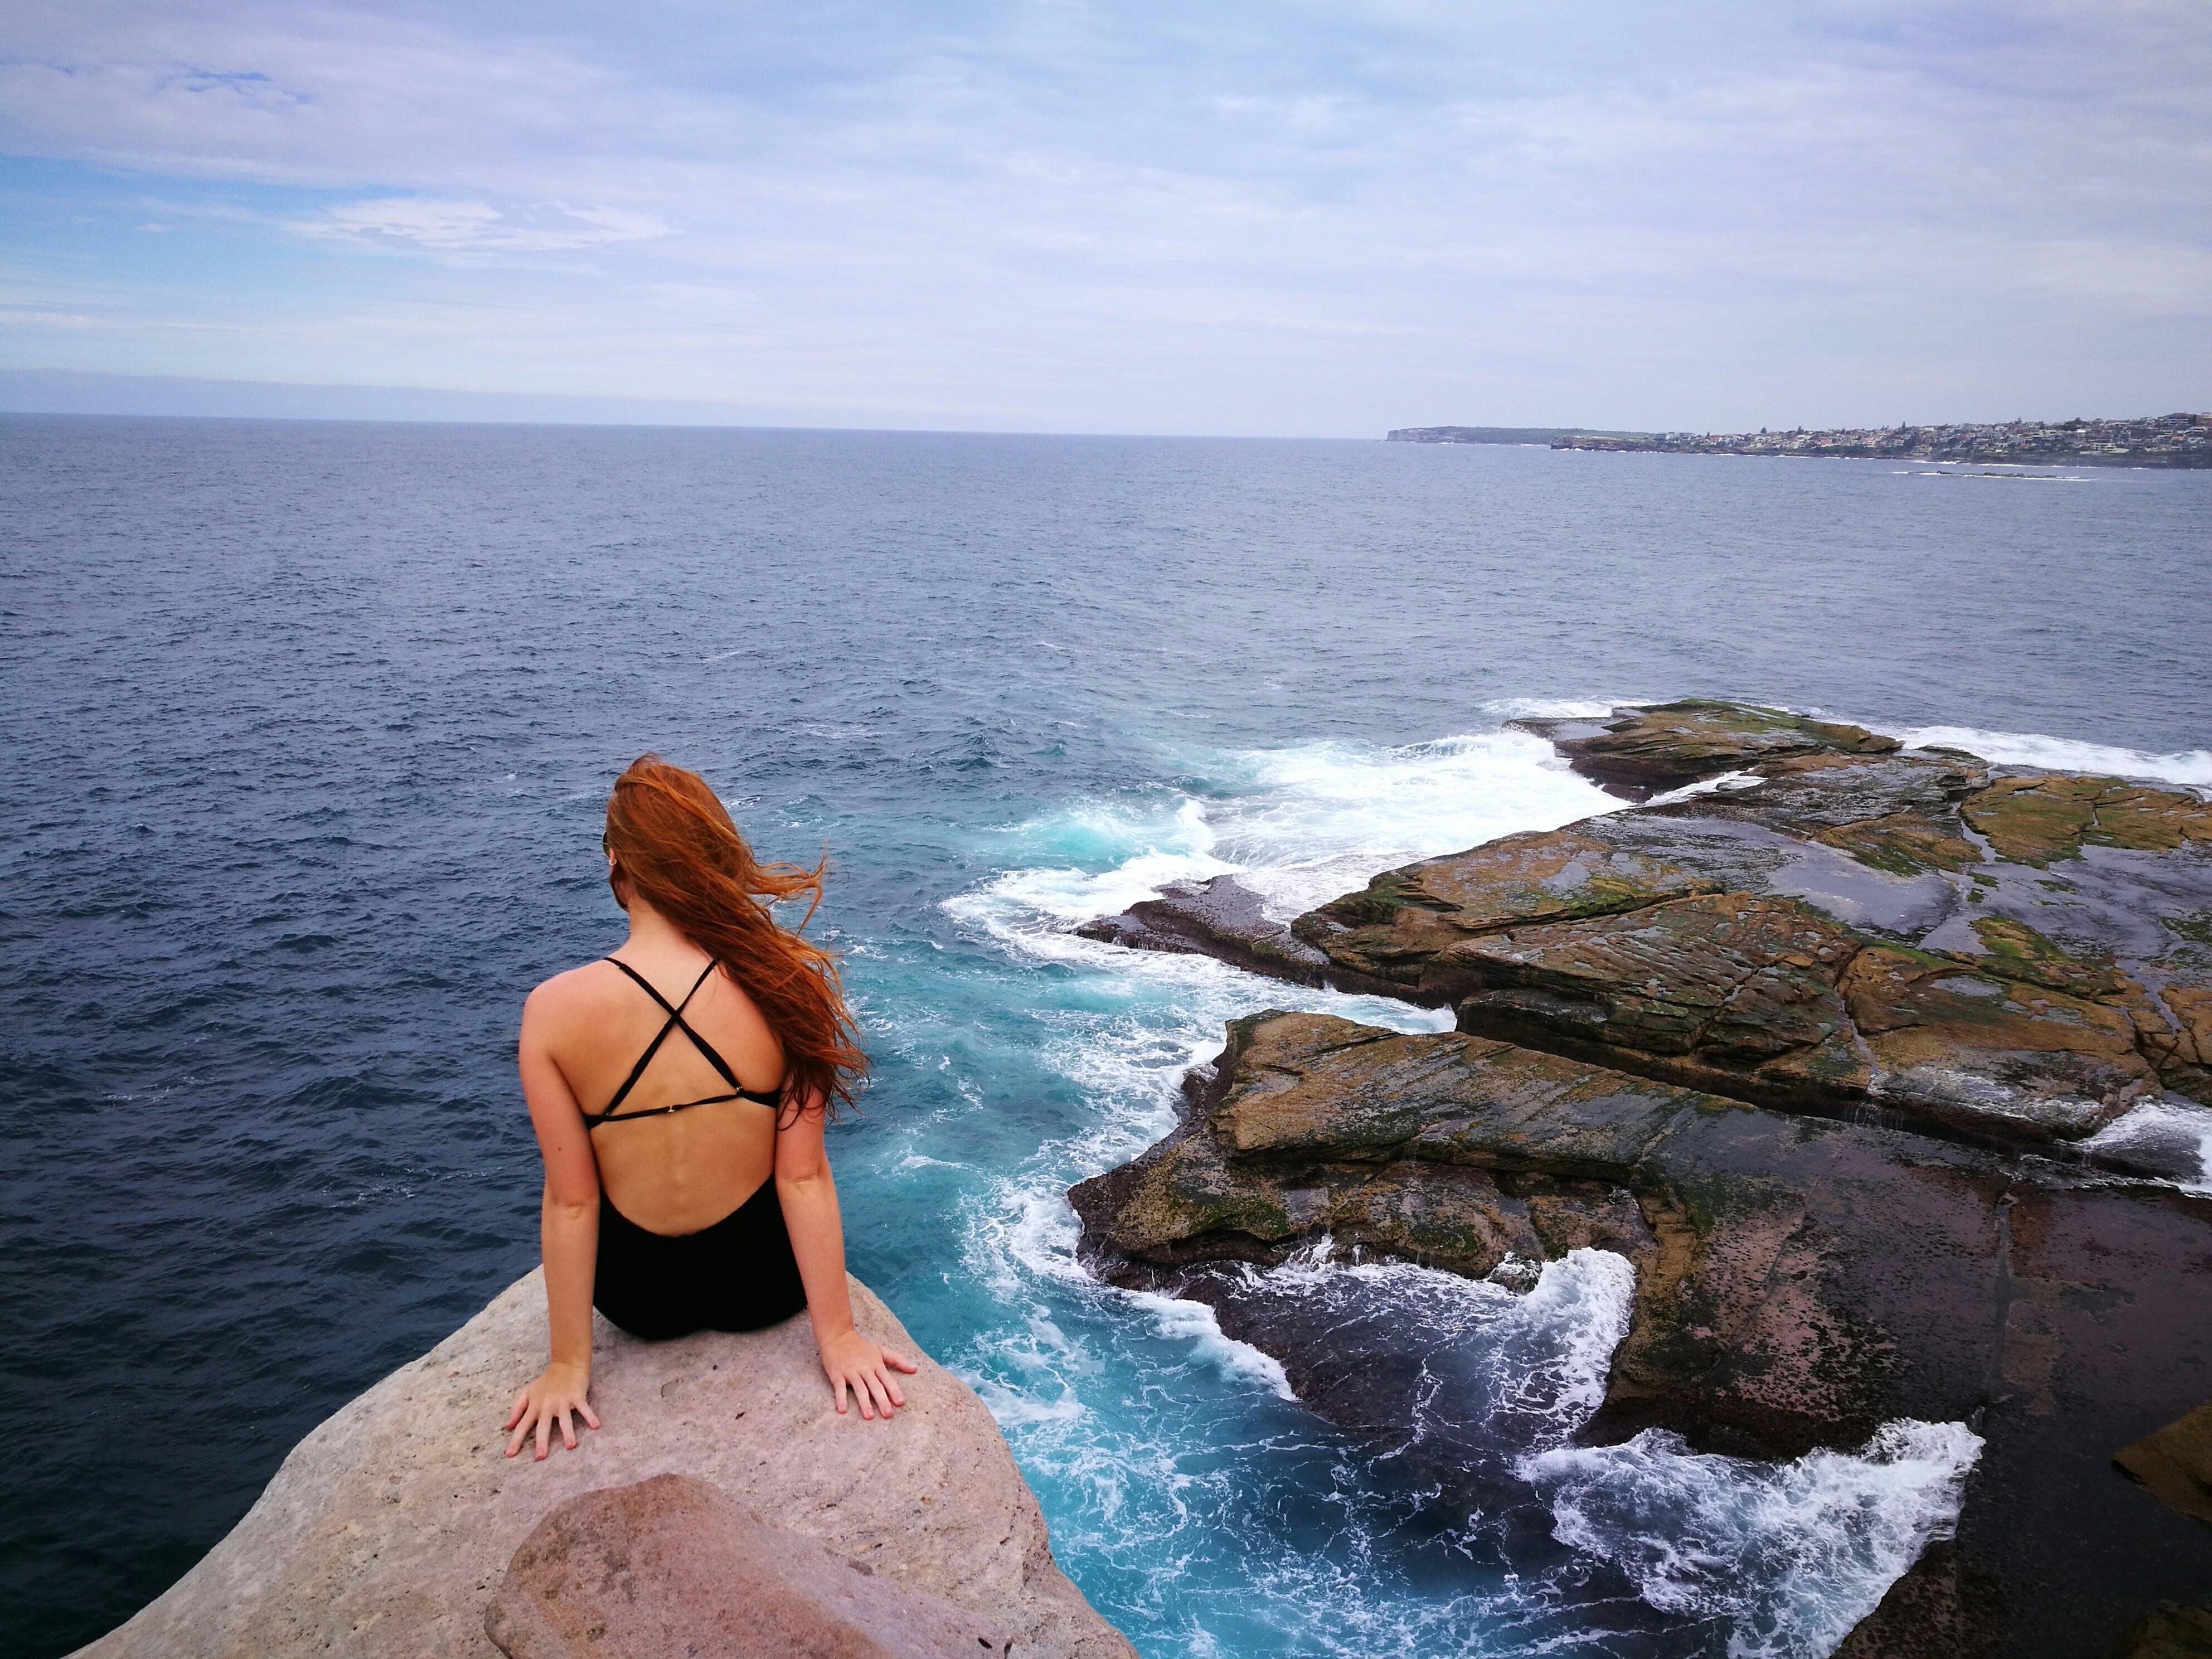 Woman Wearing Monokini on Rock Clip Near Body of Water